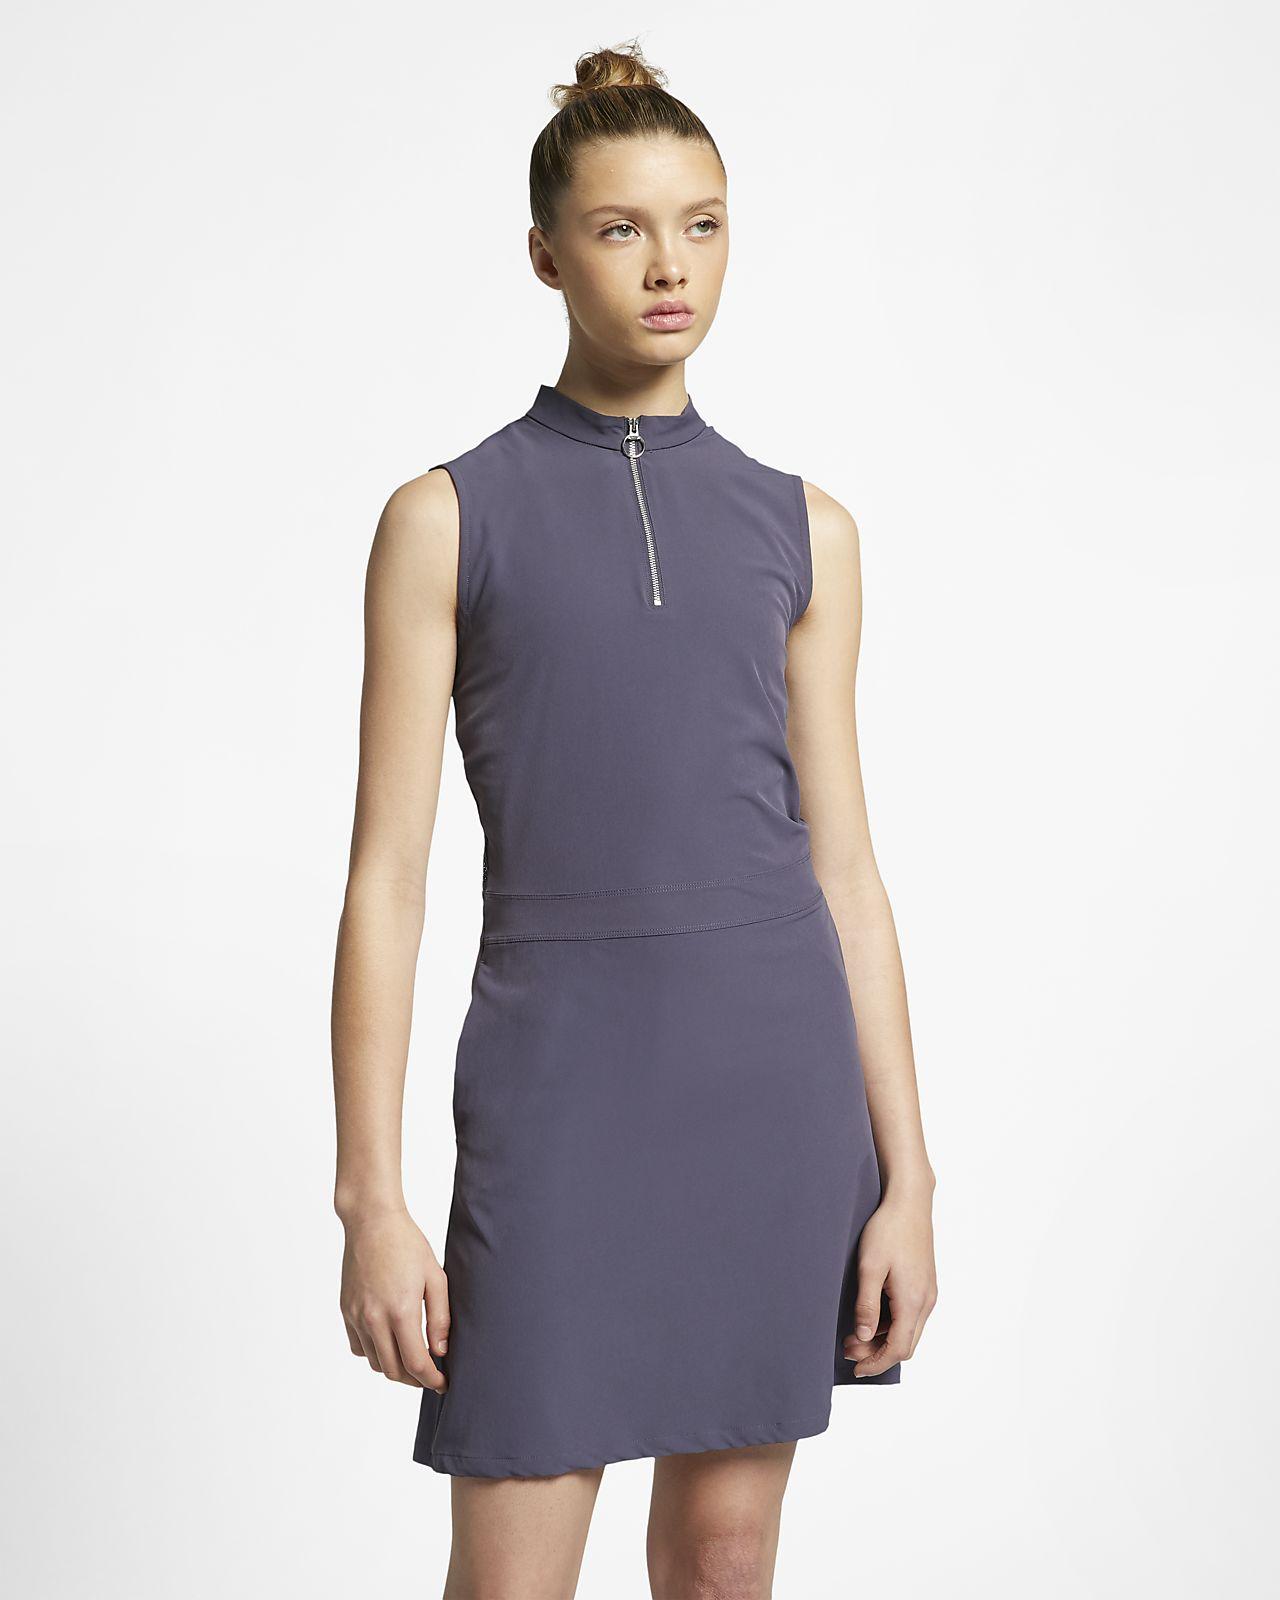 Golfklänning Nike Flex för kvinnor